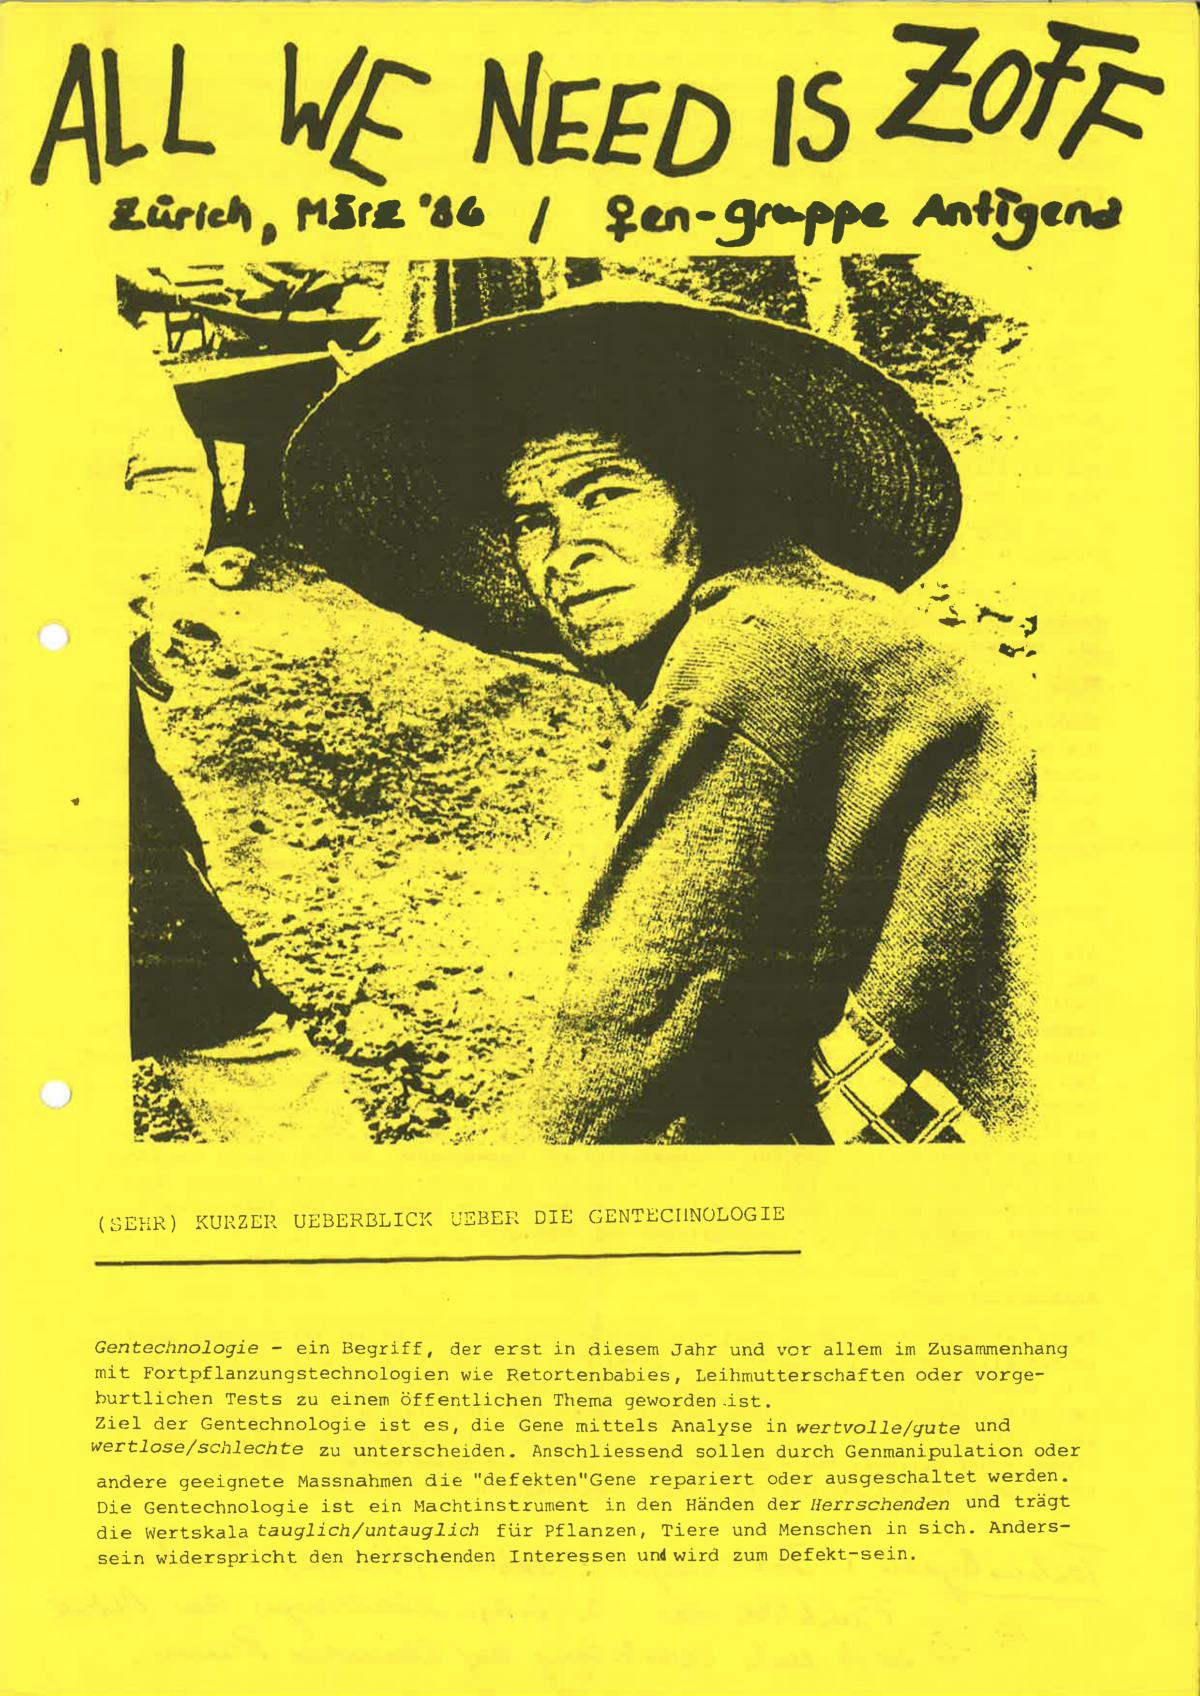 """Titelseite """"All We Need is Zoff"""" Zürich, März 86, frauengruppe Antigena"""